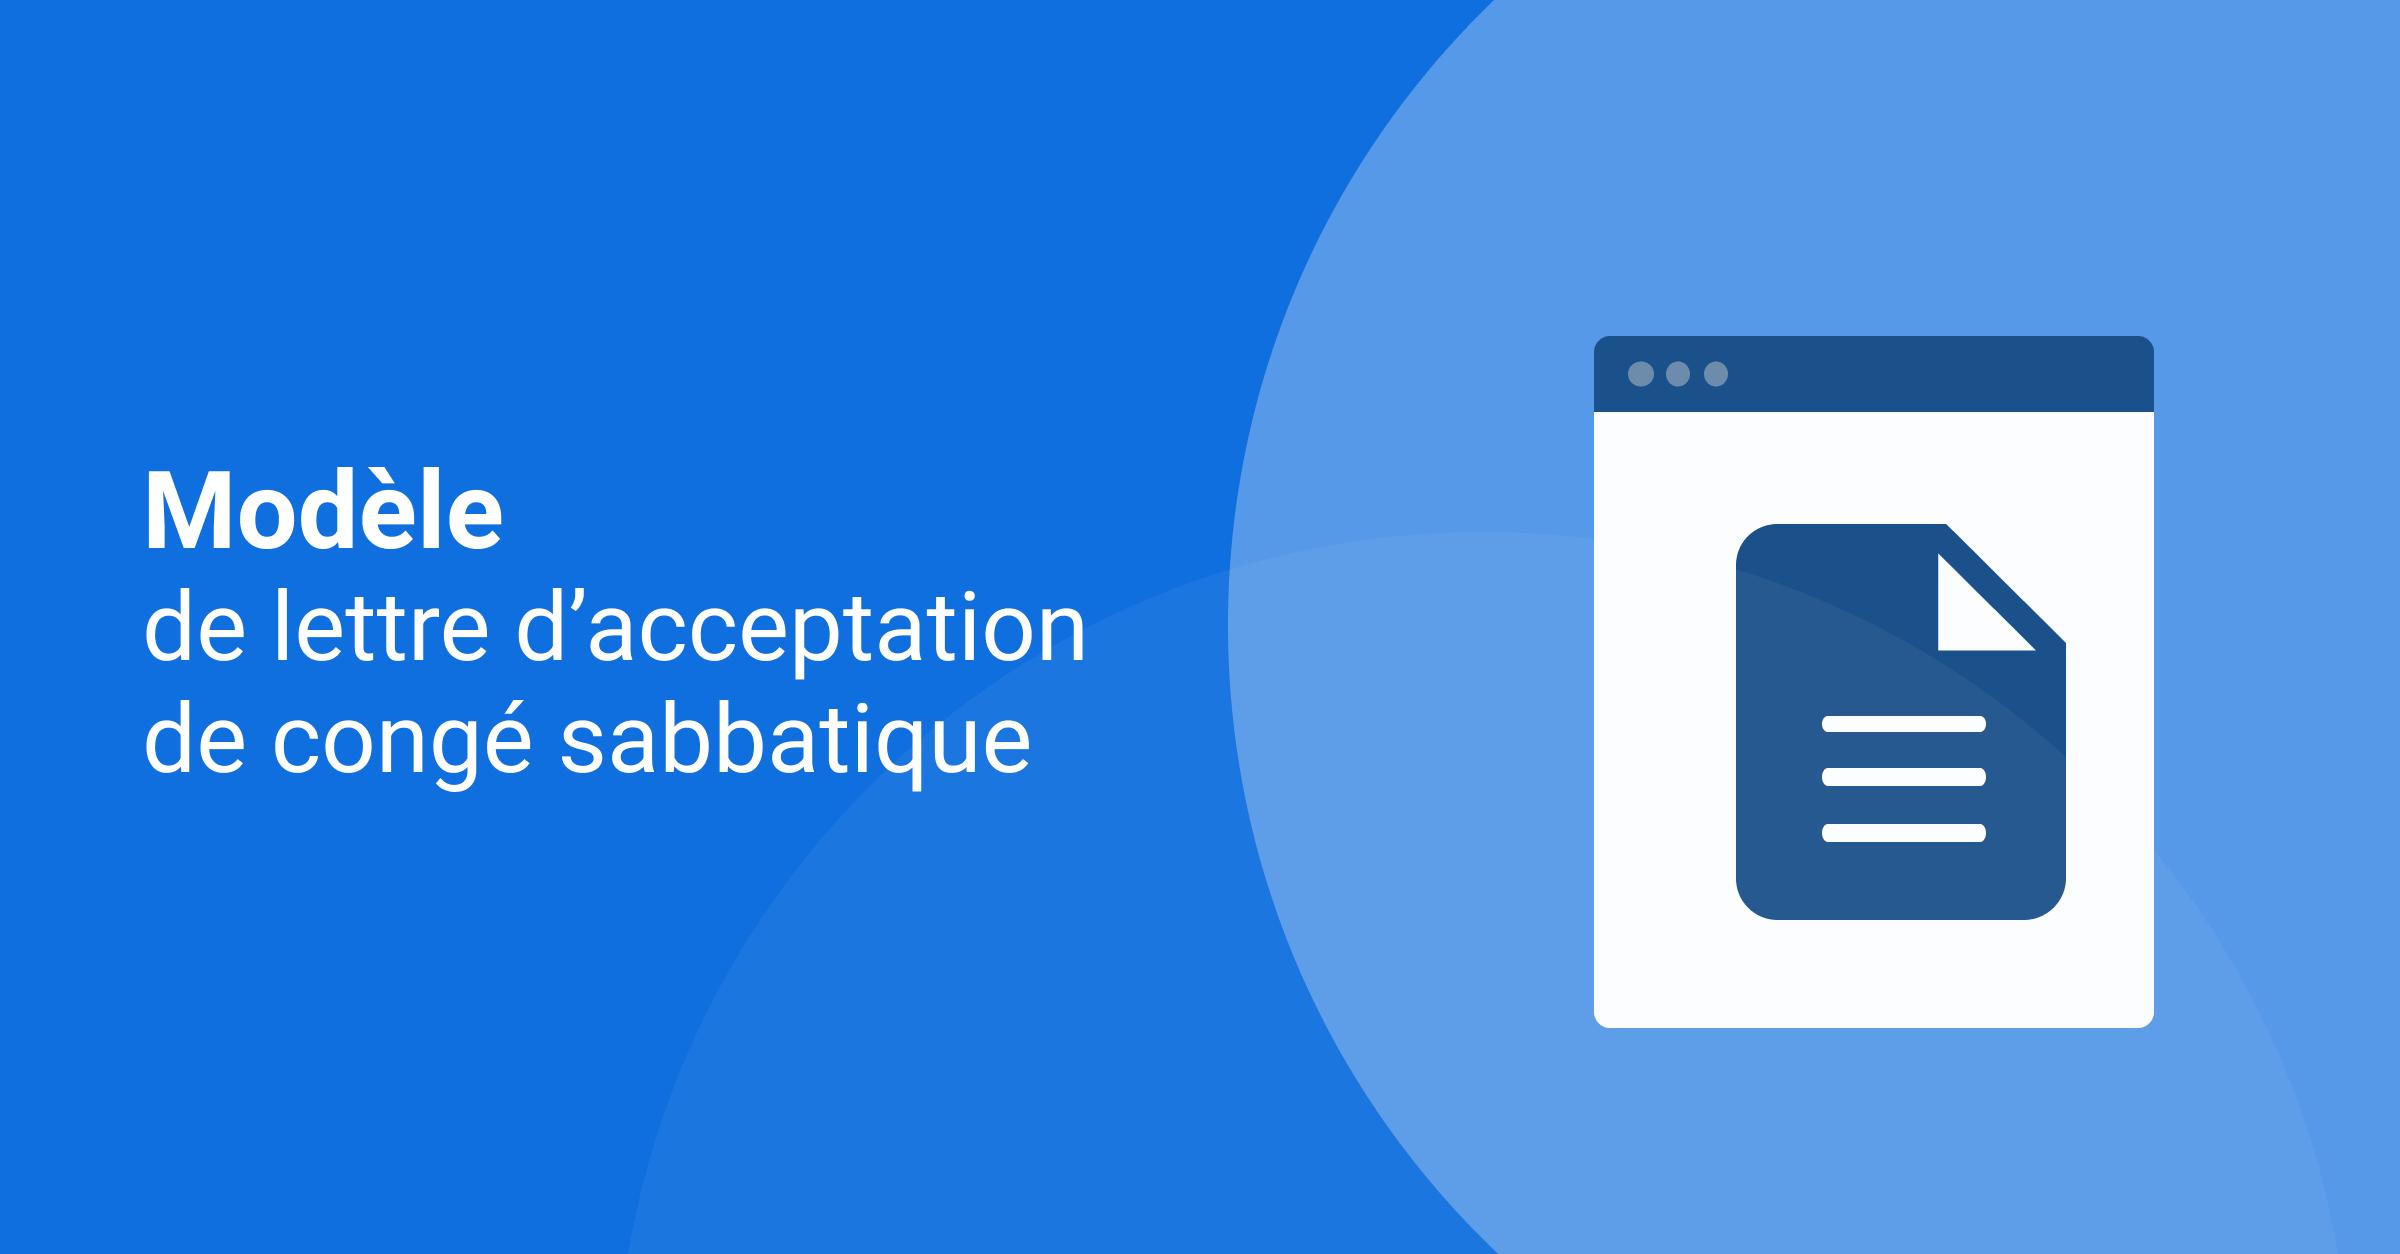 Modèle de lettre d'acceptation de congé sabbatique (word)